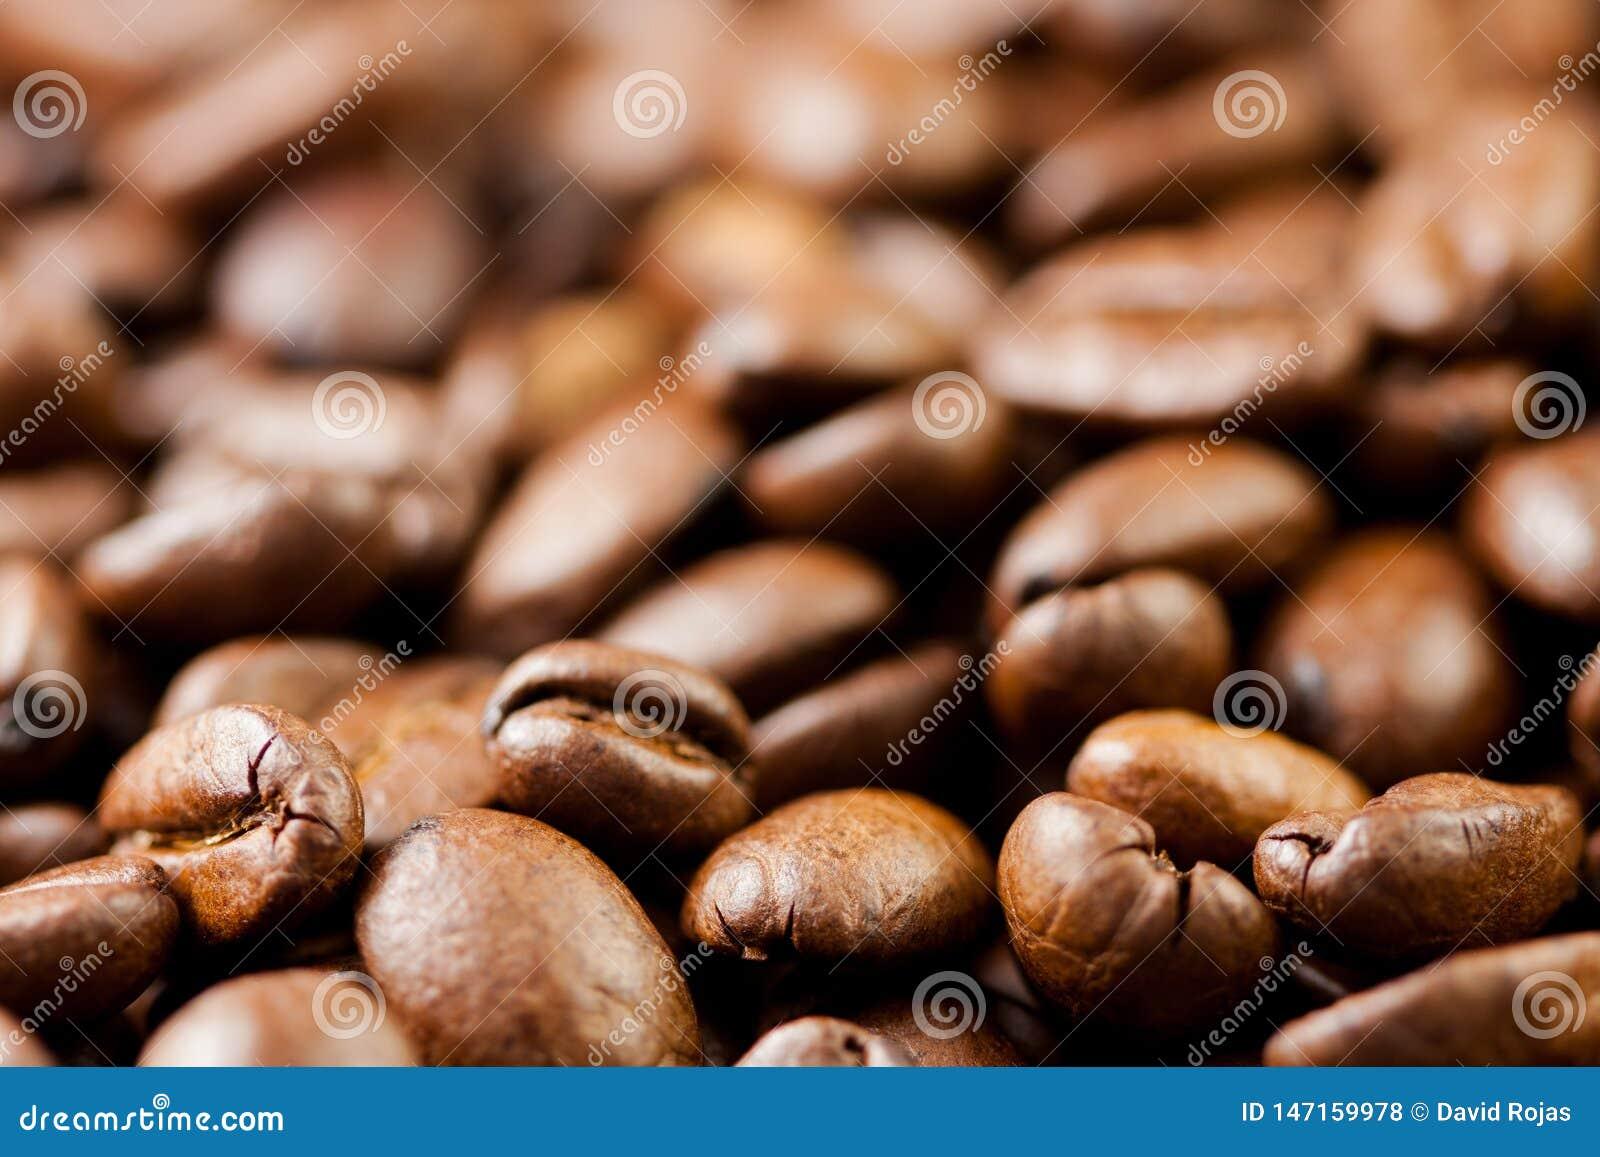 Recientemente molido habas del caf? asadas con las frutas de la planta del caf?, llenas de granos